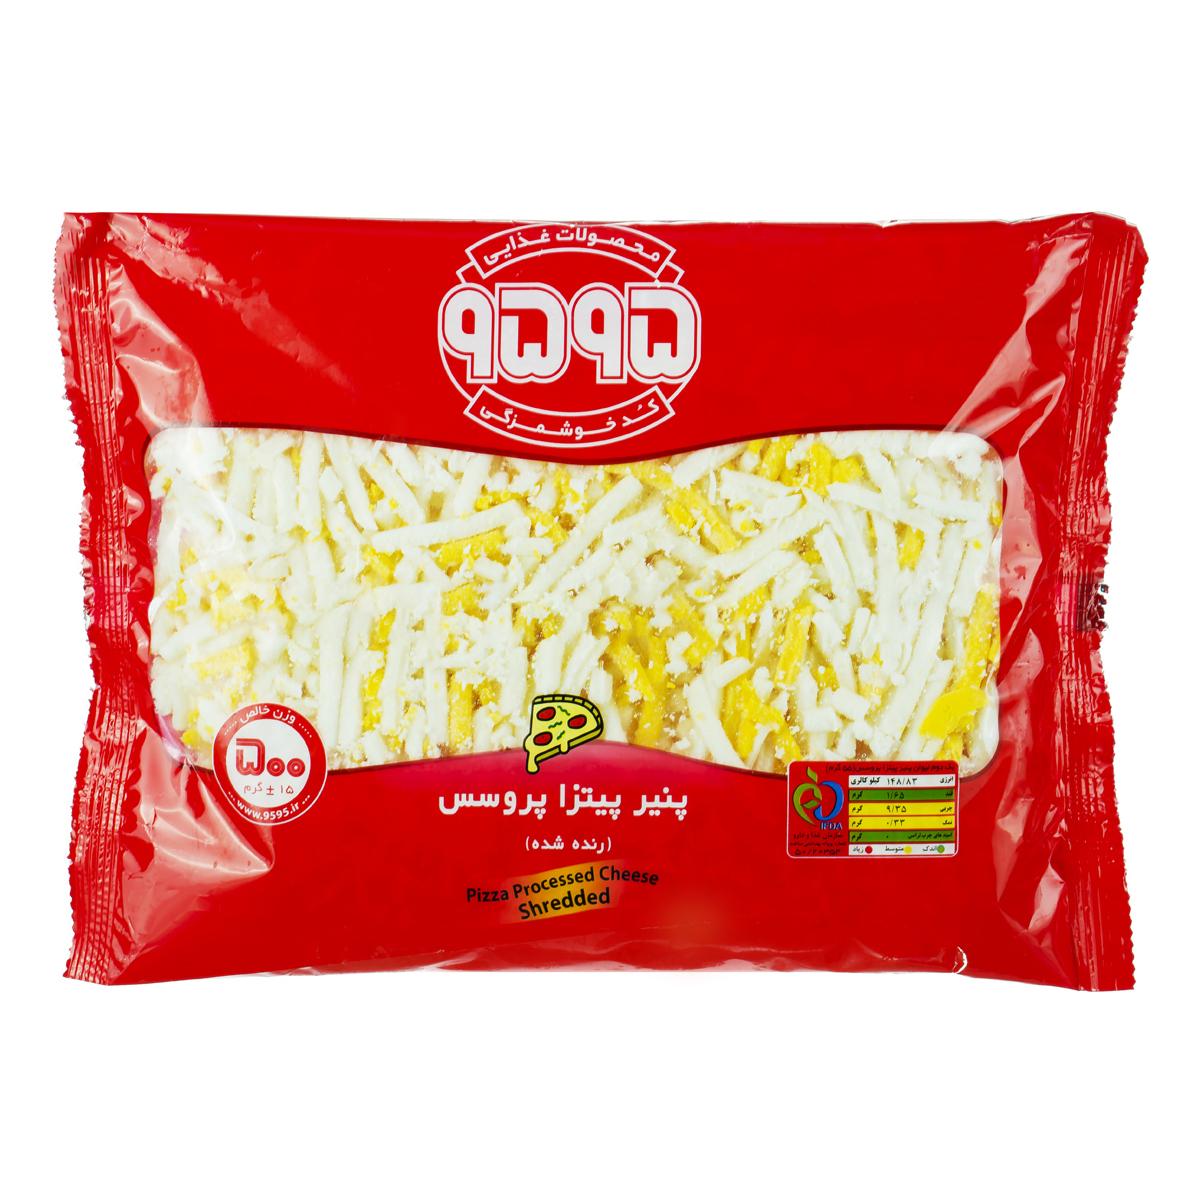 پنیر پیتزا رنده شده 500 گرم 9595 - پنیر پیتزا رنده شده 500 گرم 9595